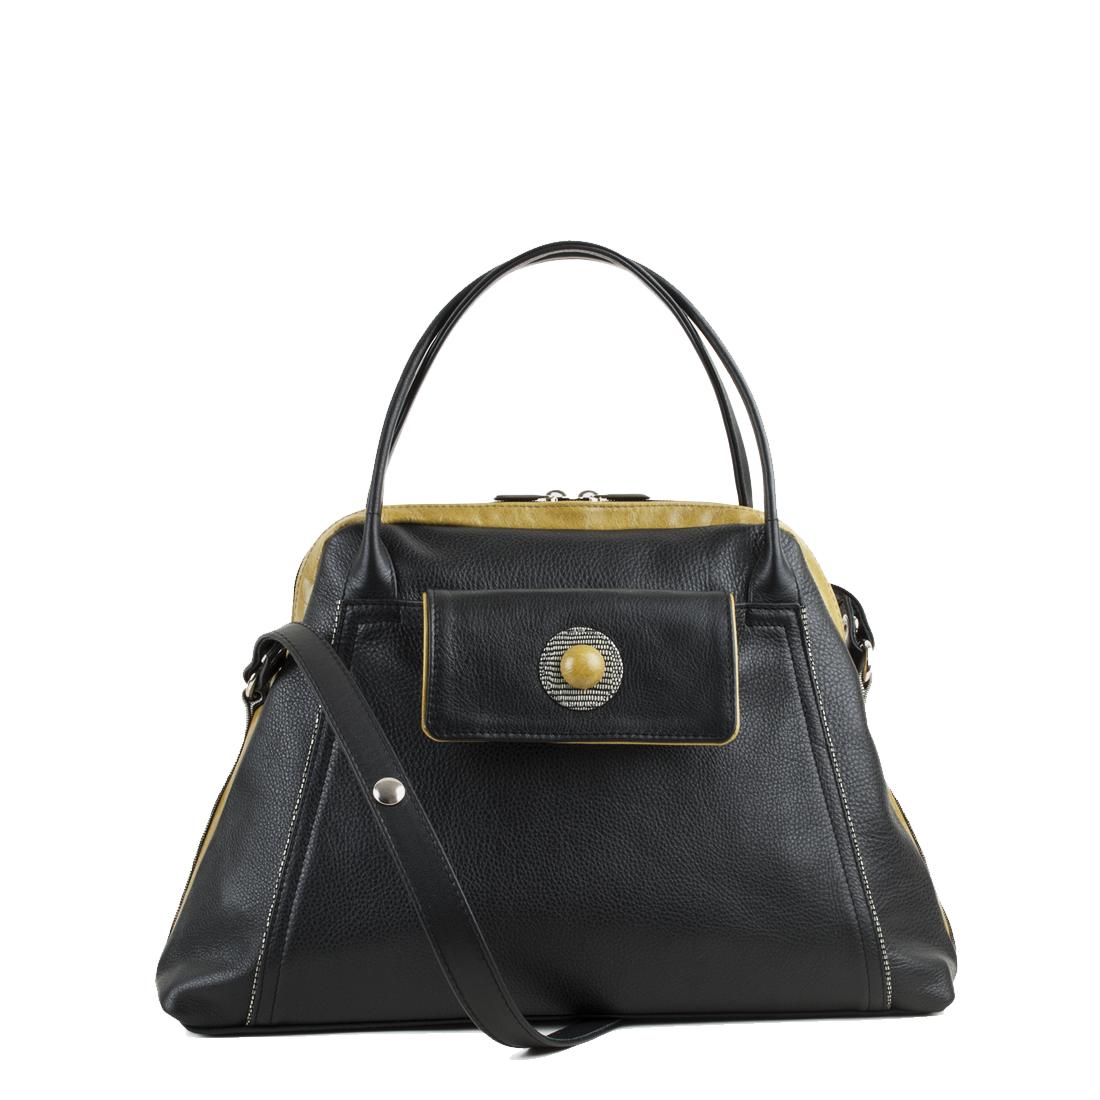 Lottie Black Leather Shoulder Bag